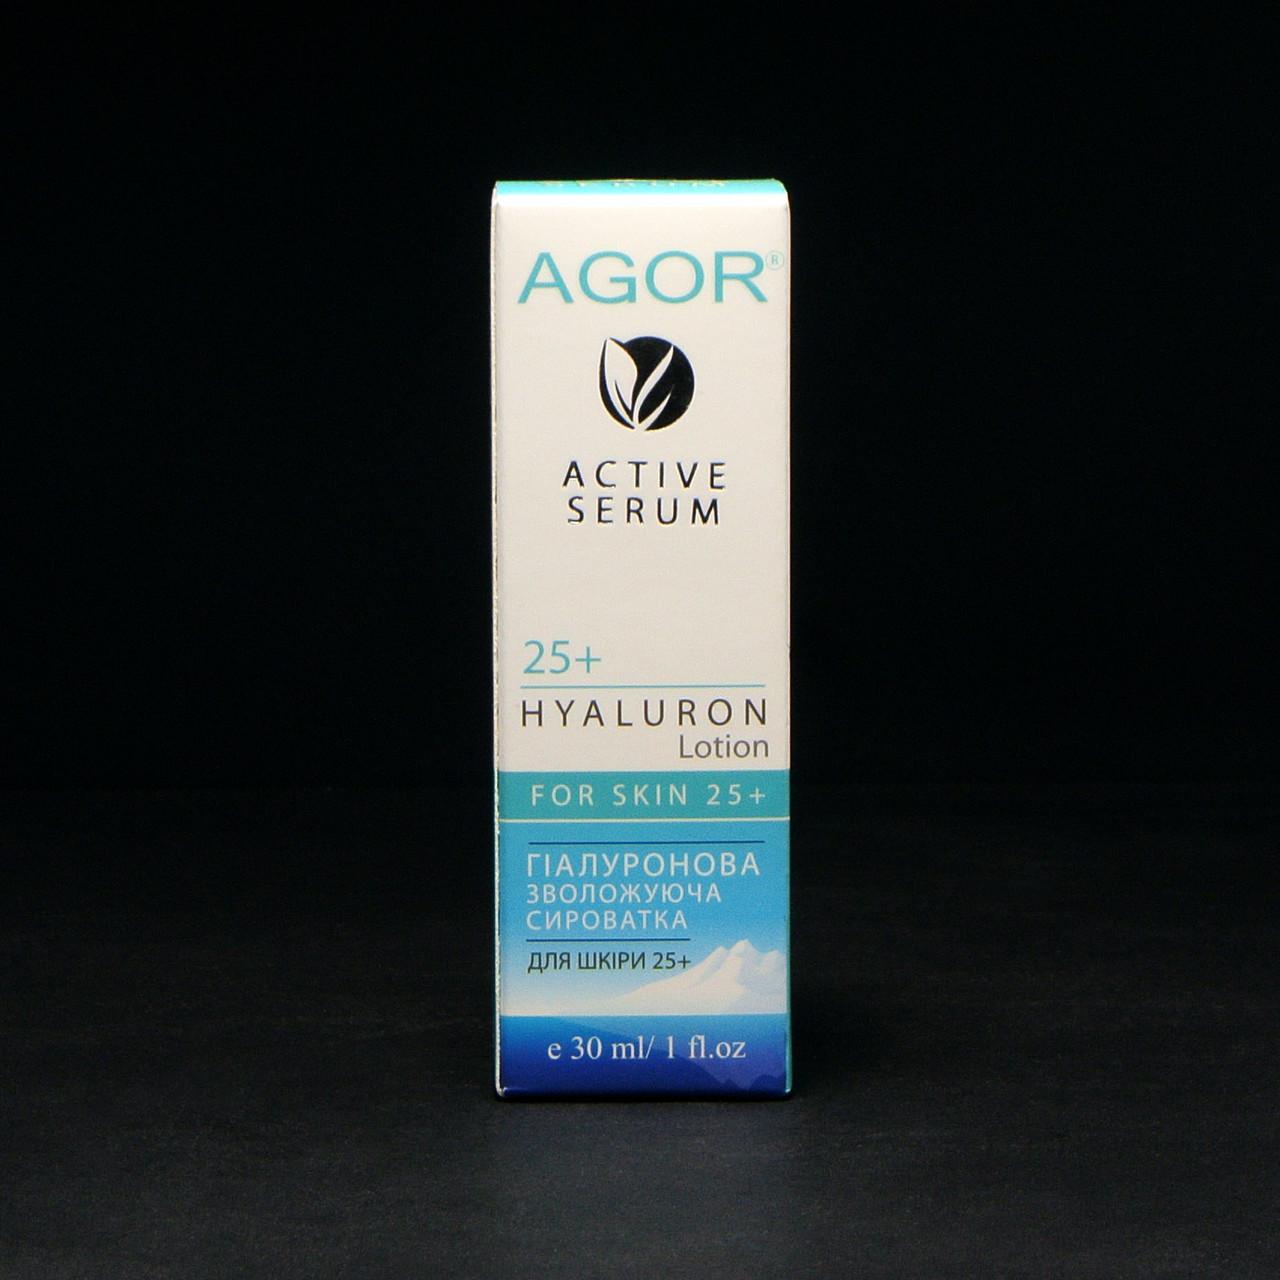 Зволожуюча сироватка HYALURON 25+ від Agor 30 мл